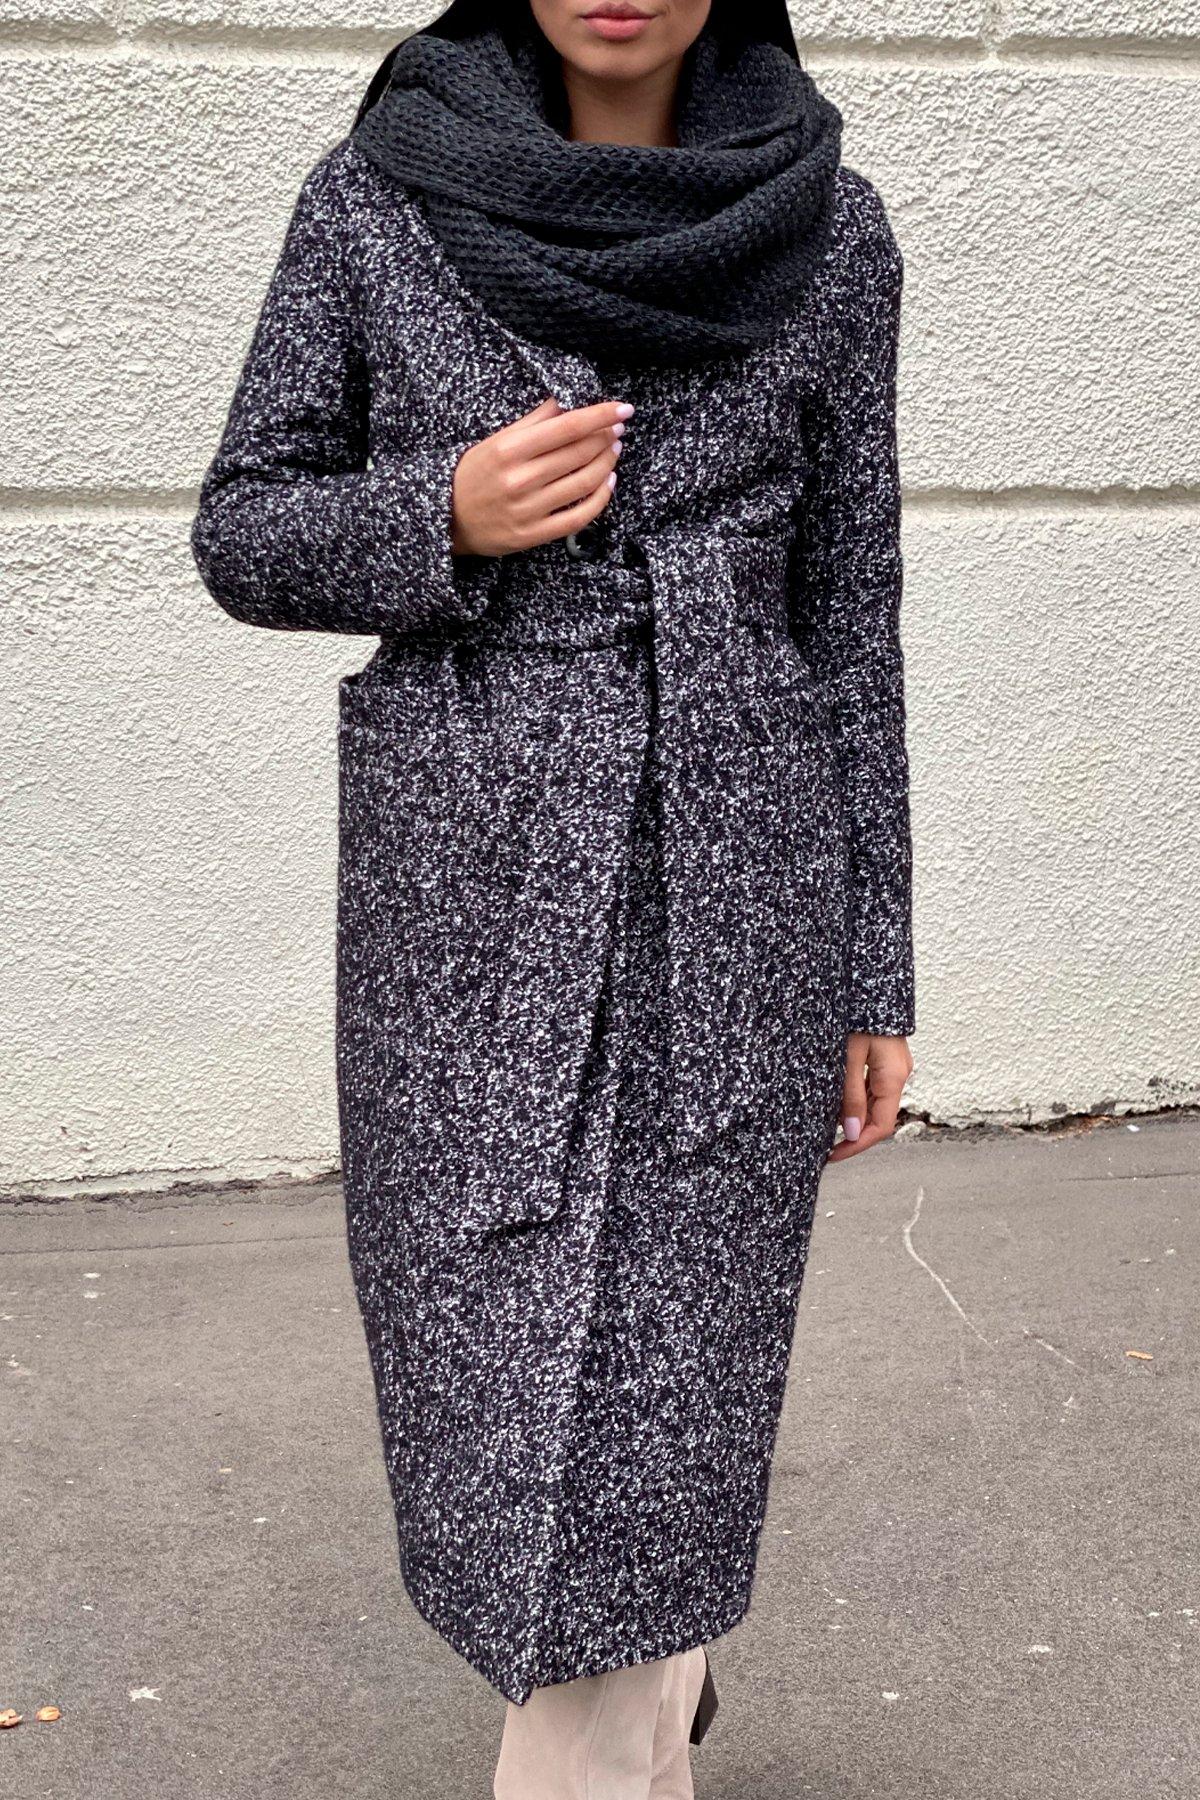 Теплое зимнее пальто буклированная шерсть Вива макси 8349 АРТ. 44517 Цвет: Черный/серый 61 - фото 5, интернет магазин tm-modus.ru